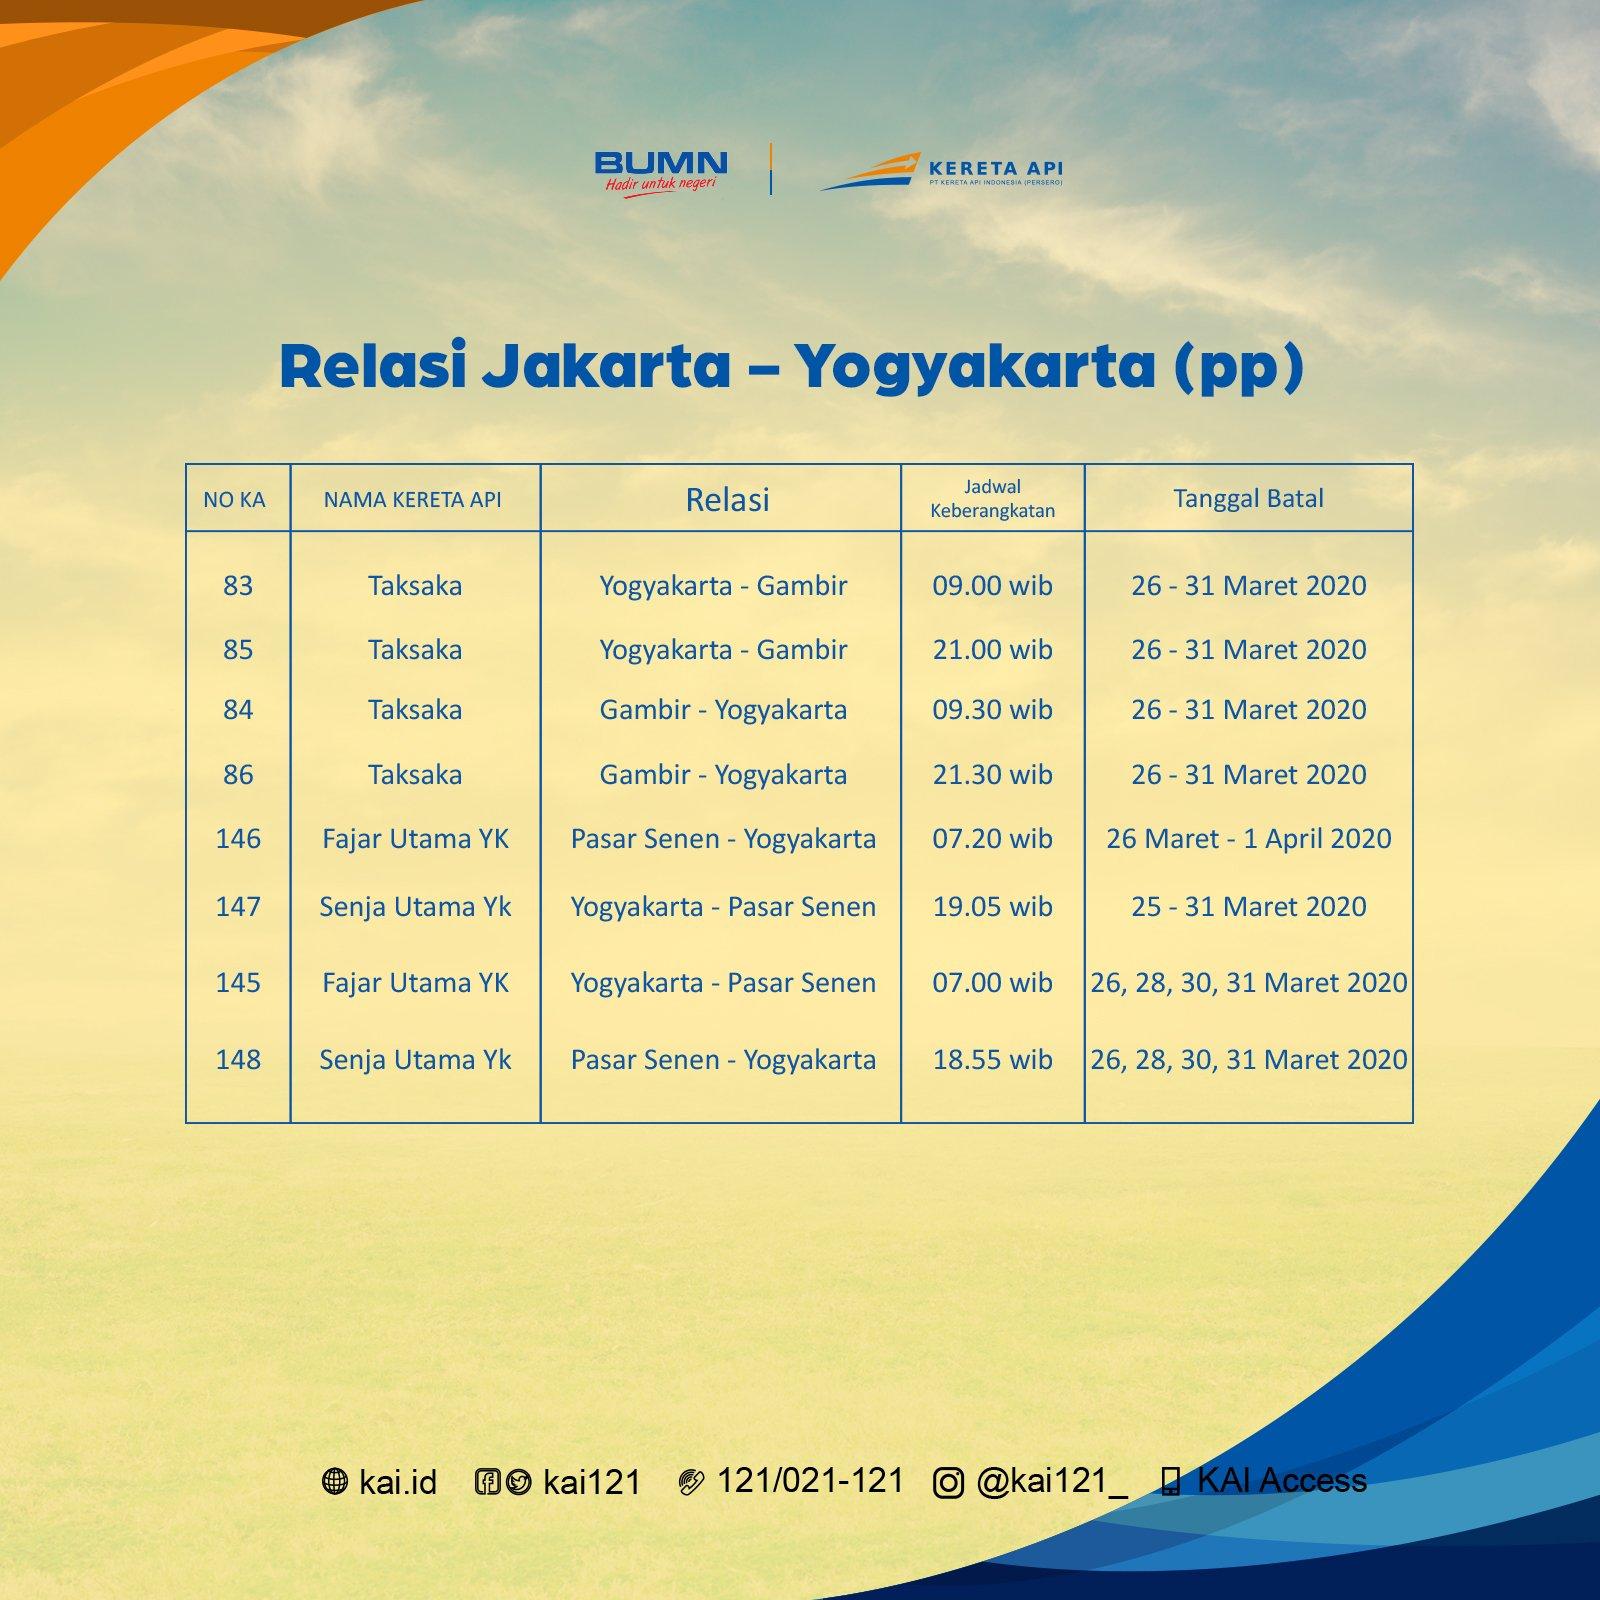 Jadwal perjalanan KA relasi Jakarta-Jogja (PP) yang dibatalkan